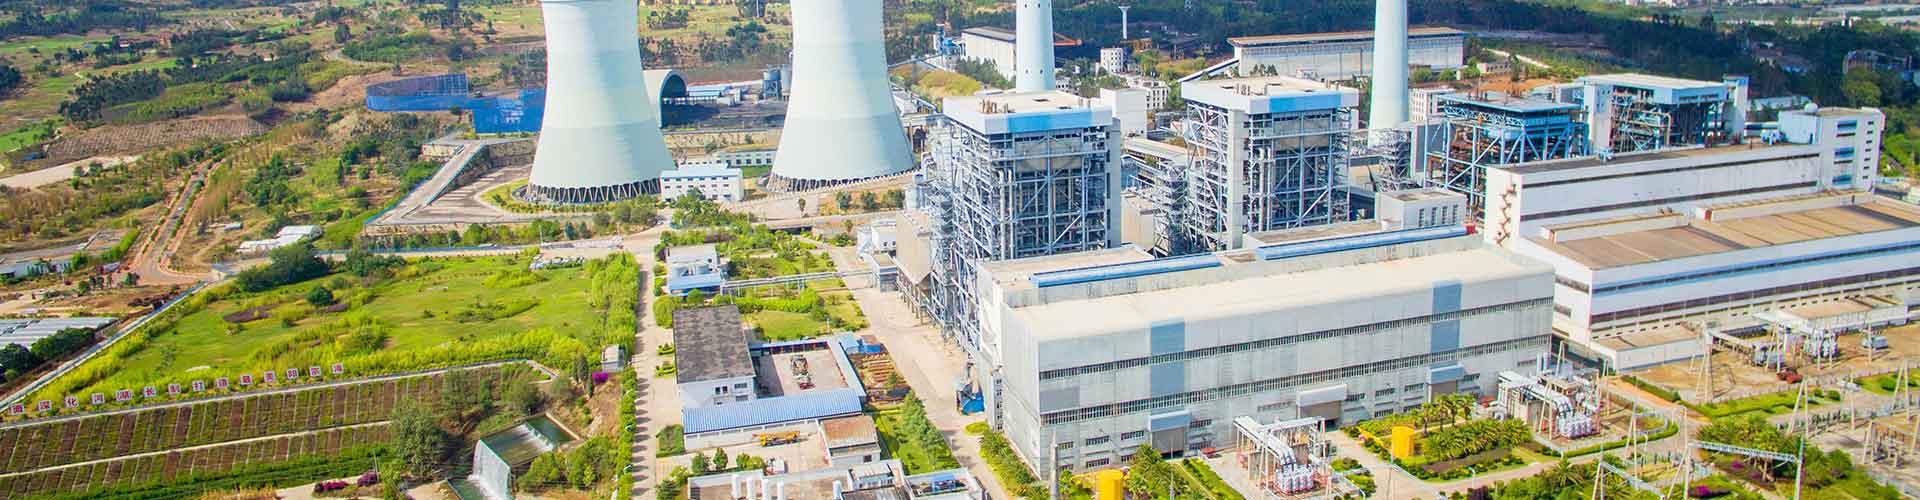 Yosoar-Cuprous oxide CU2O factory